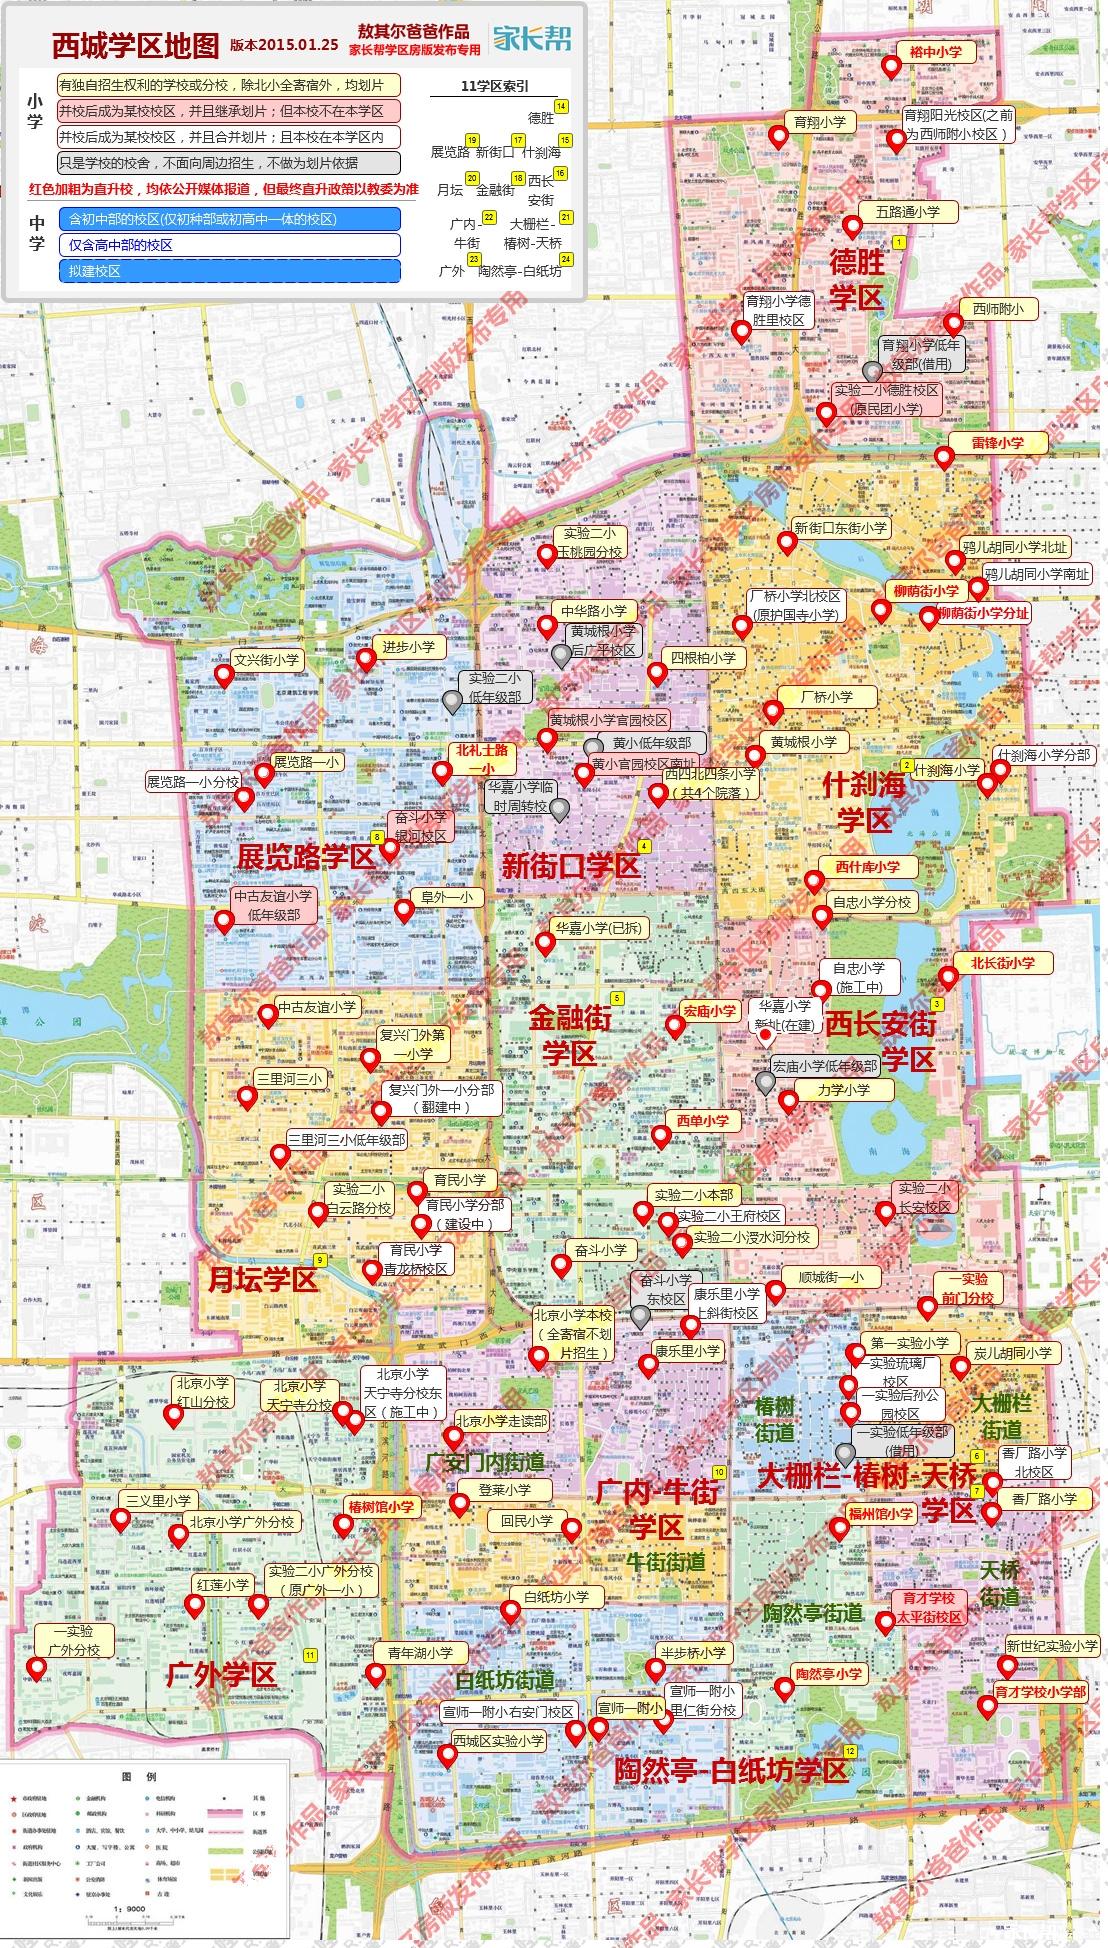 西城学区地图